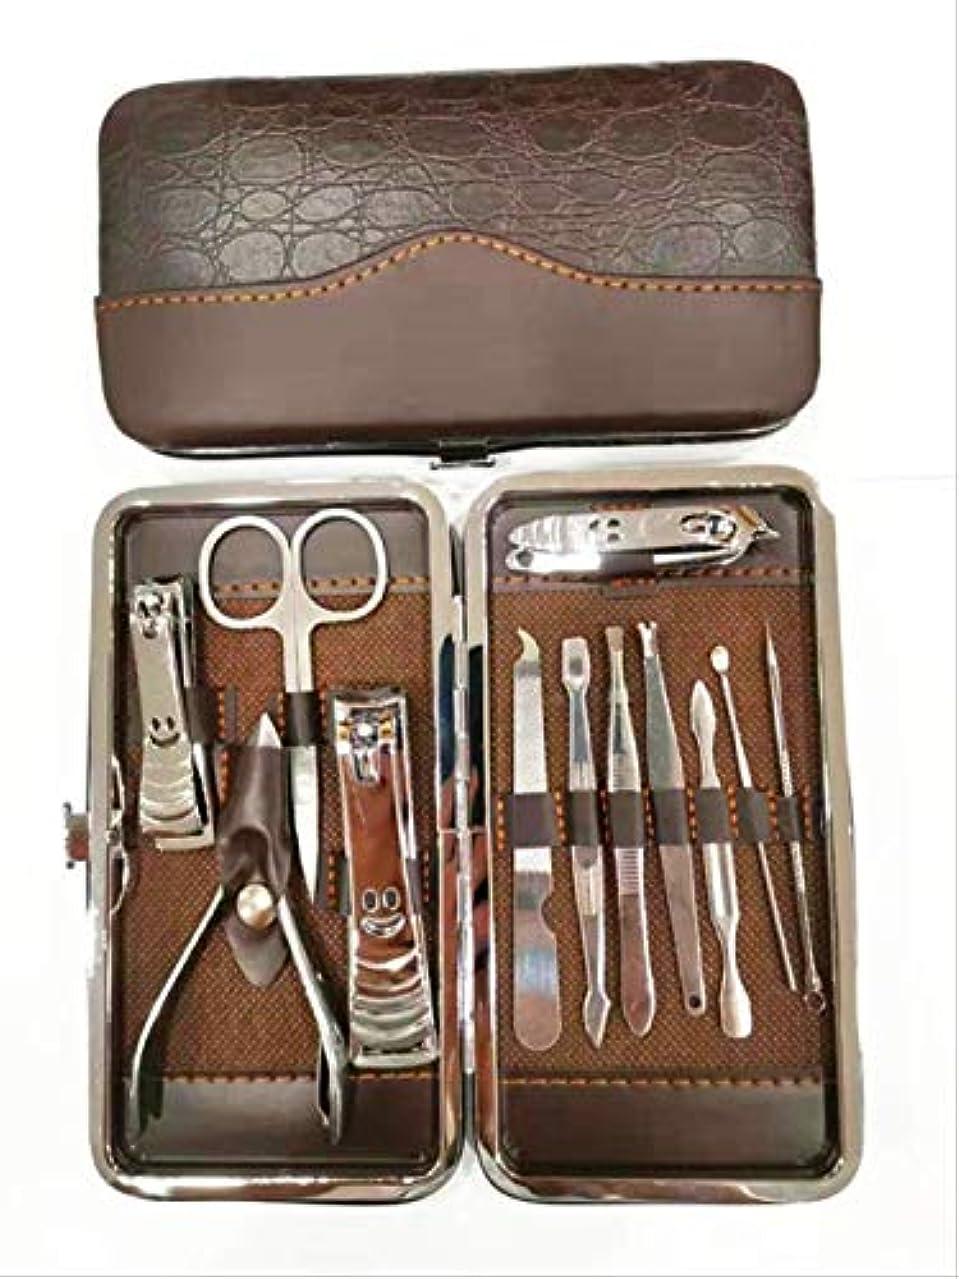 レオナルドダおじさんトークン爪切りセット16ピースペディキュアナイフ美容プライヤー爪ツール 7119キューバパターン